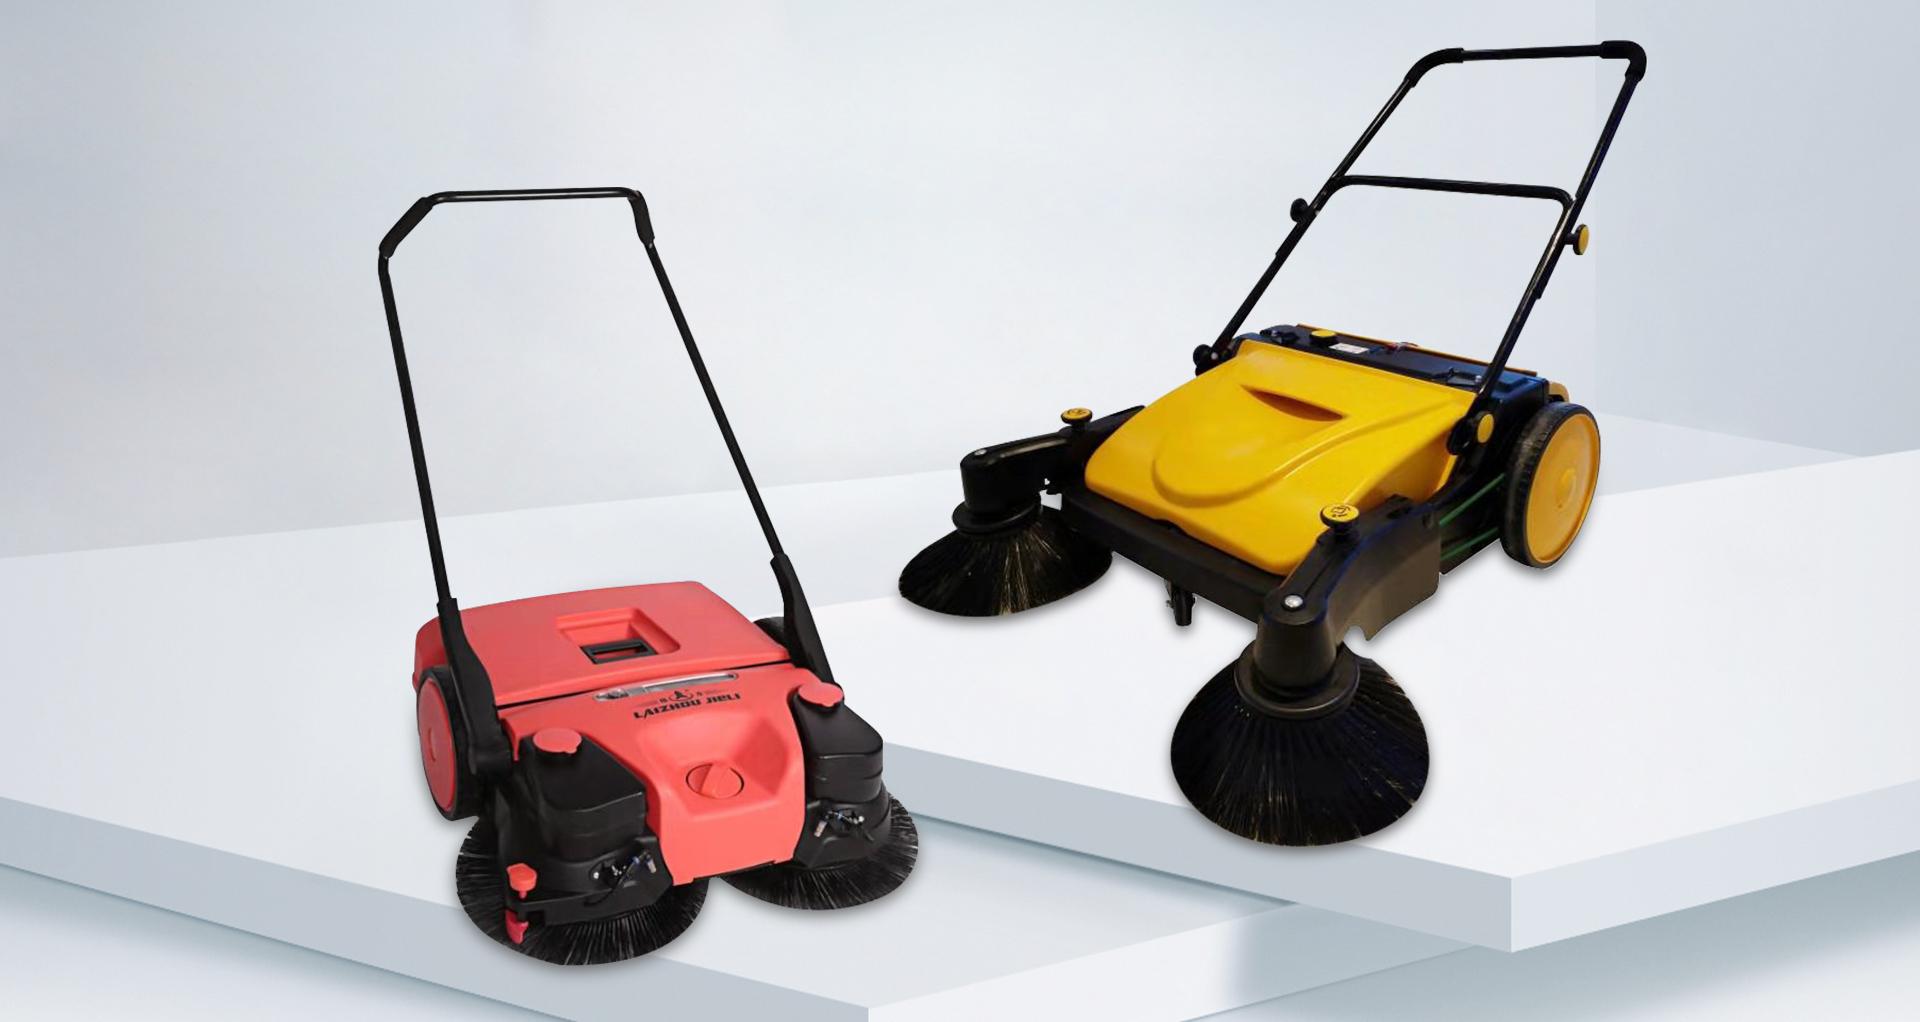 电动驾驶式扫地车适不适合物业上用?看了您就知道了